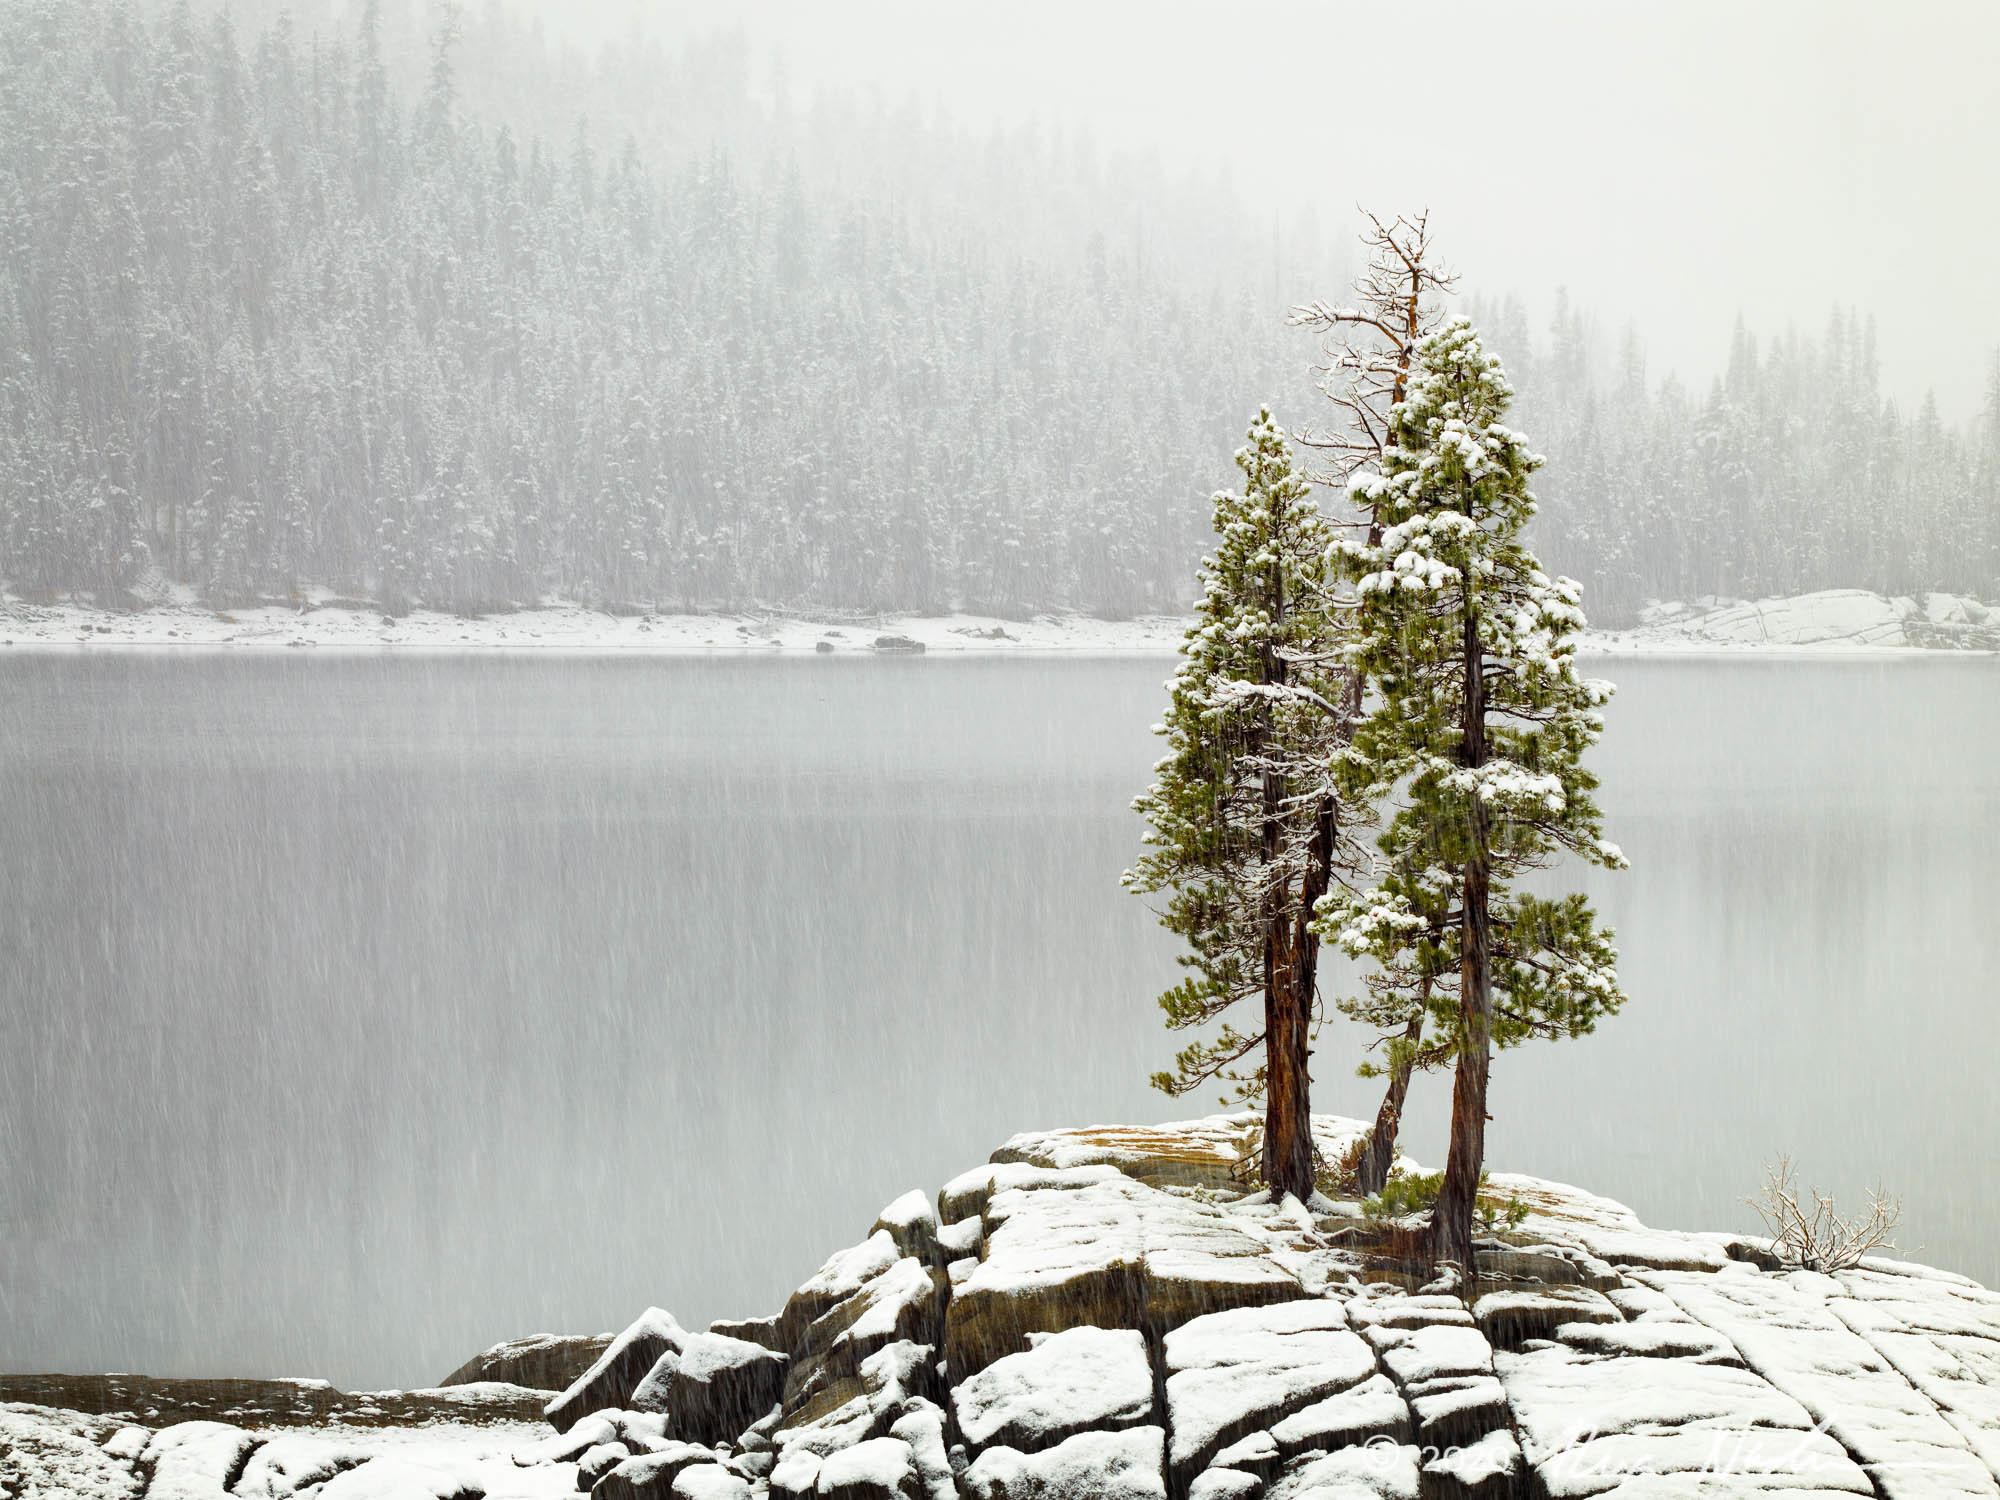 Trees in Storm - Sierra Foothills